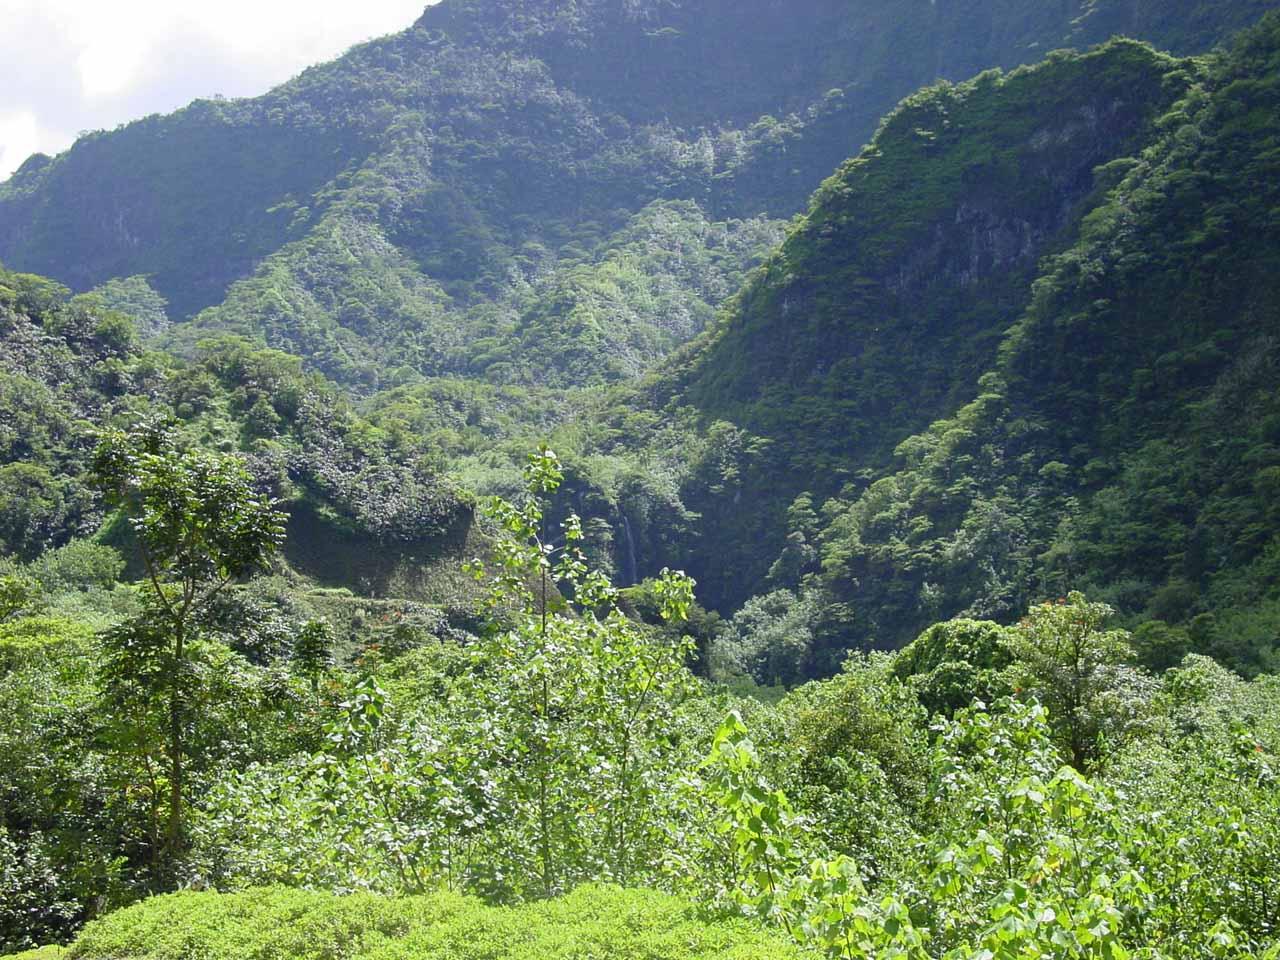 Looking back at the Puraha Waterfall